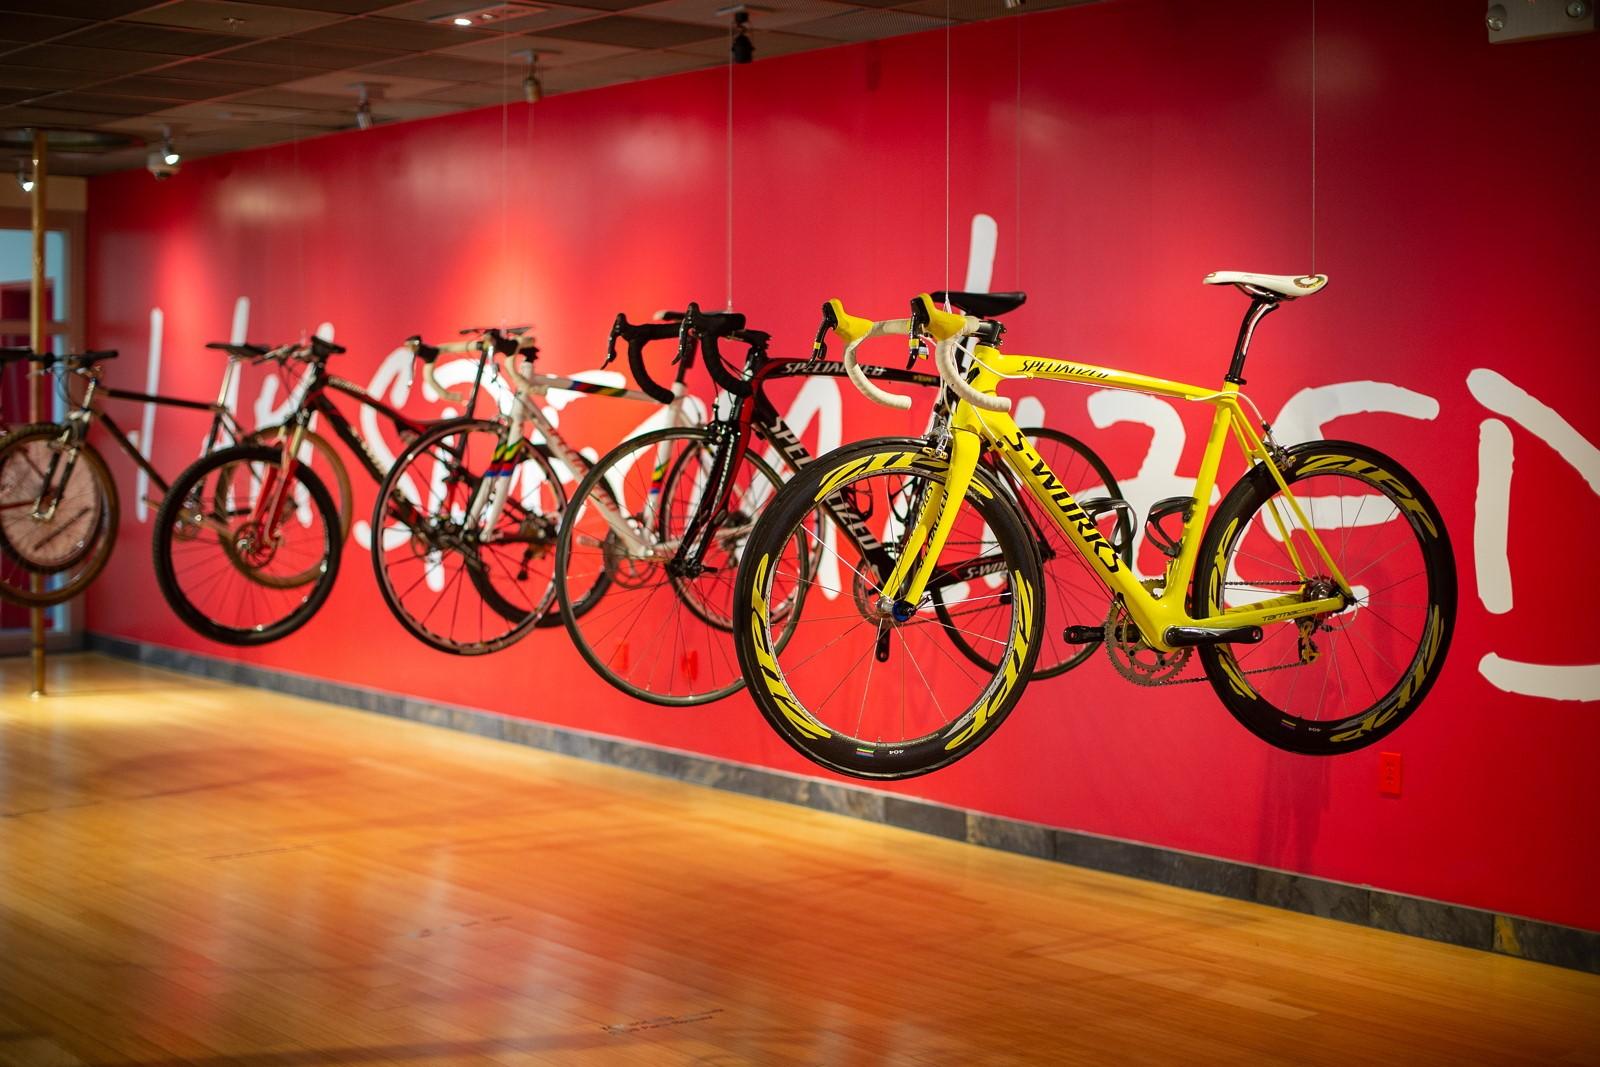 Žlutý design kola odkazujícího na průběžné vedení Fabiana Cancellary na Tour de France 2010. Kolo je nenávratně ztraceno, stejně jako dvě desítky dalších. Foto: Michal Červený